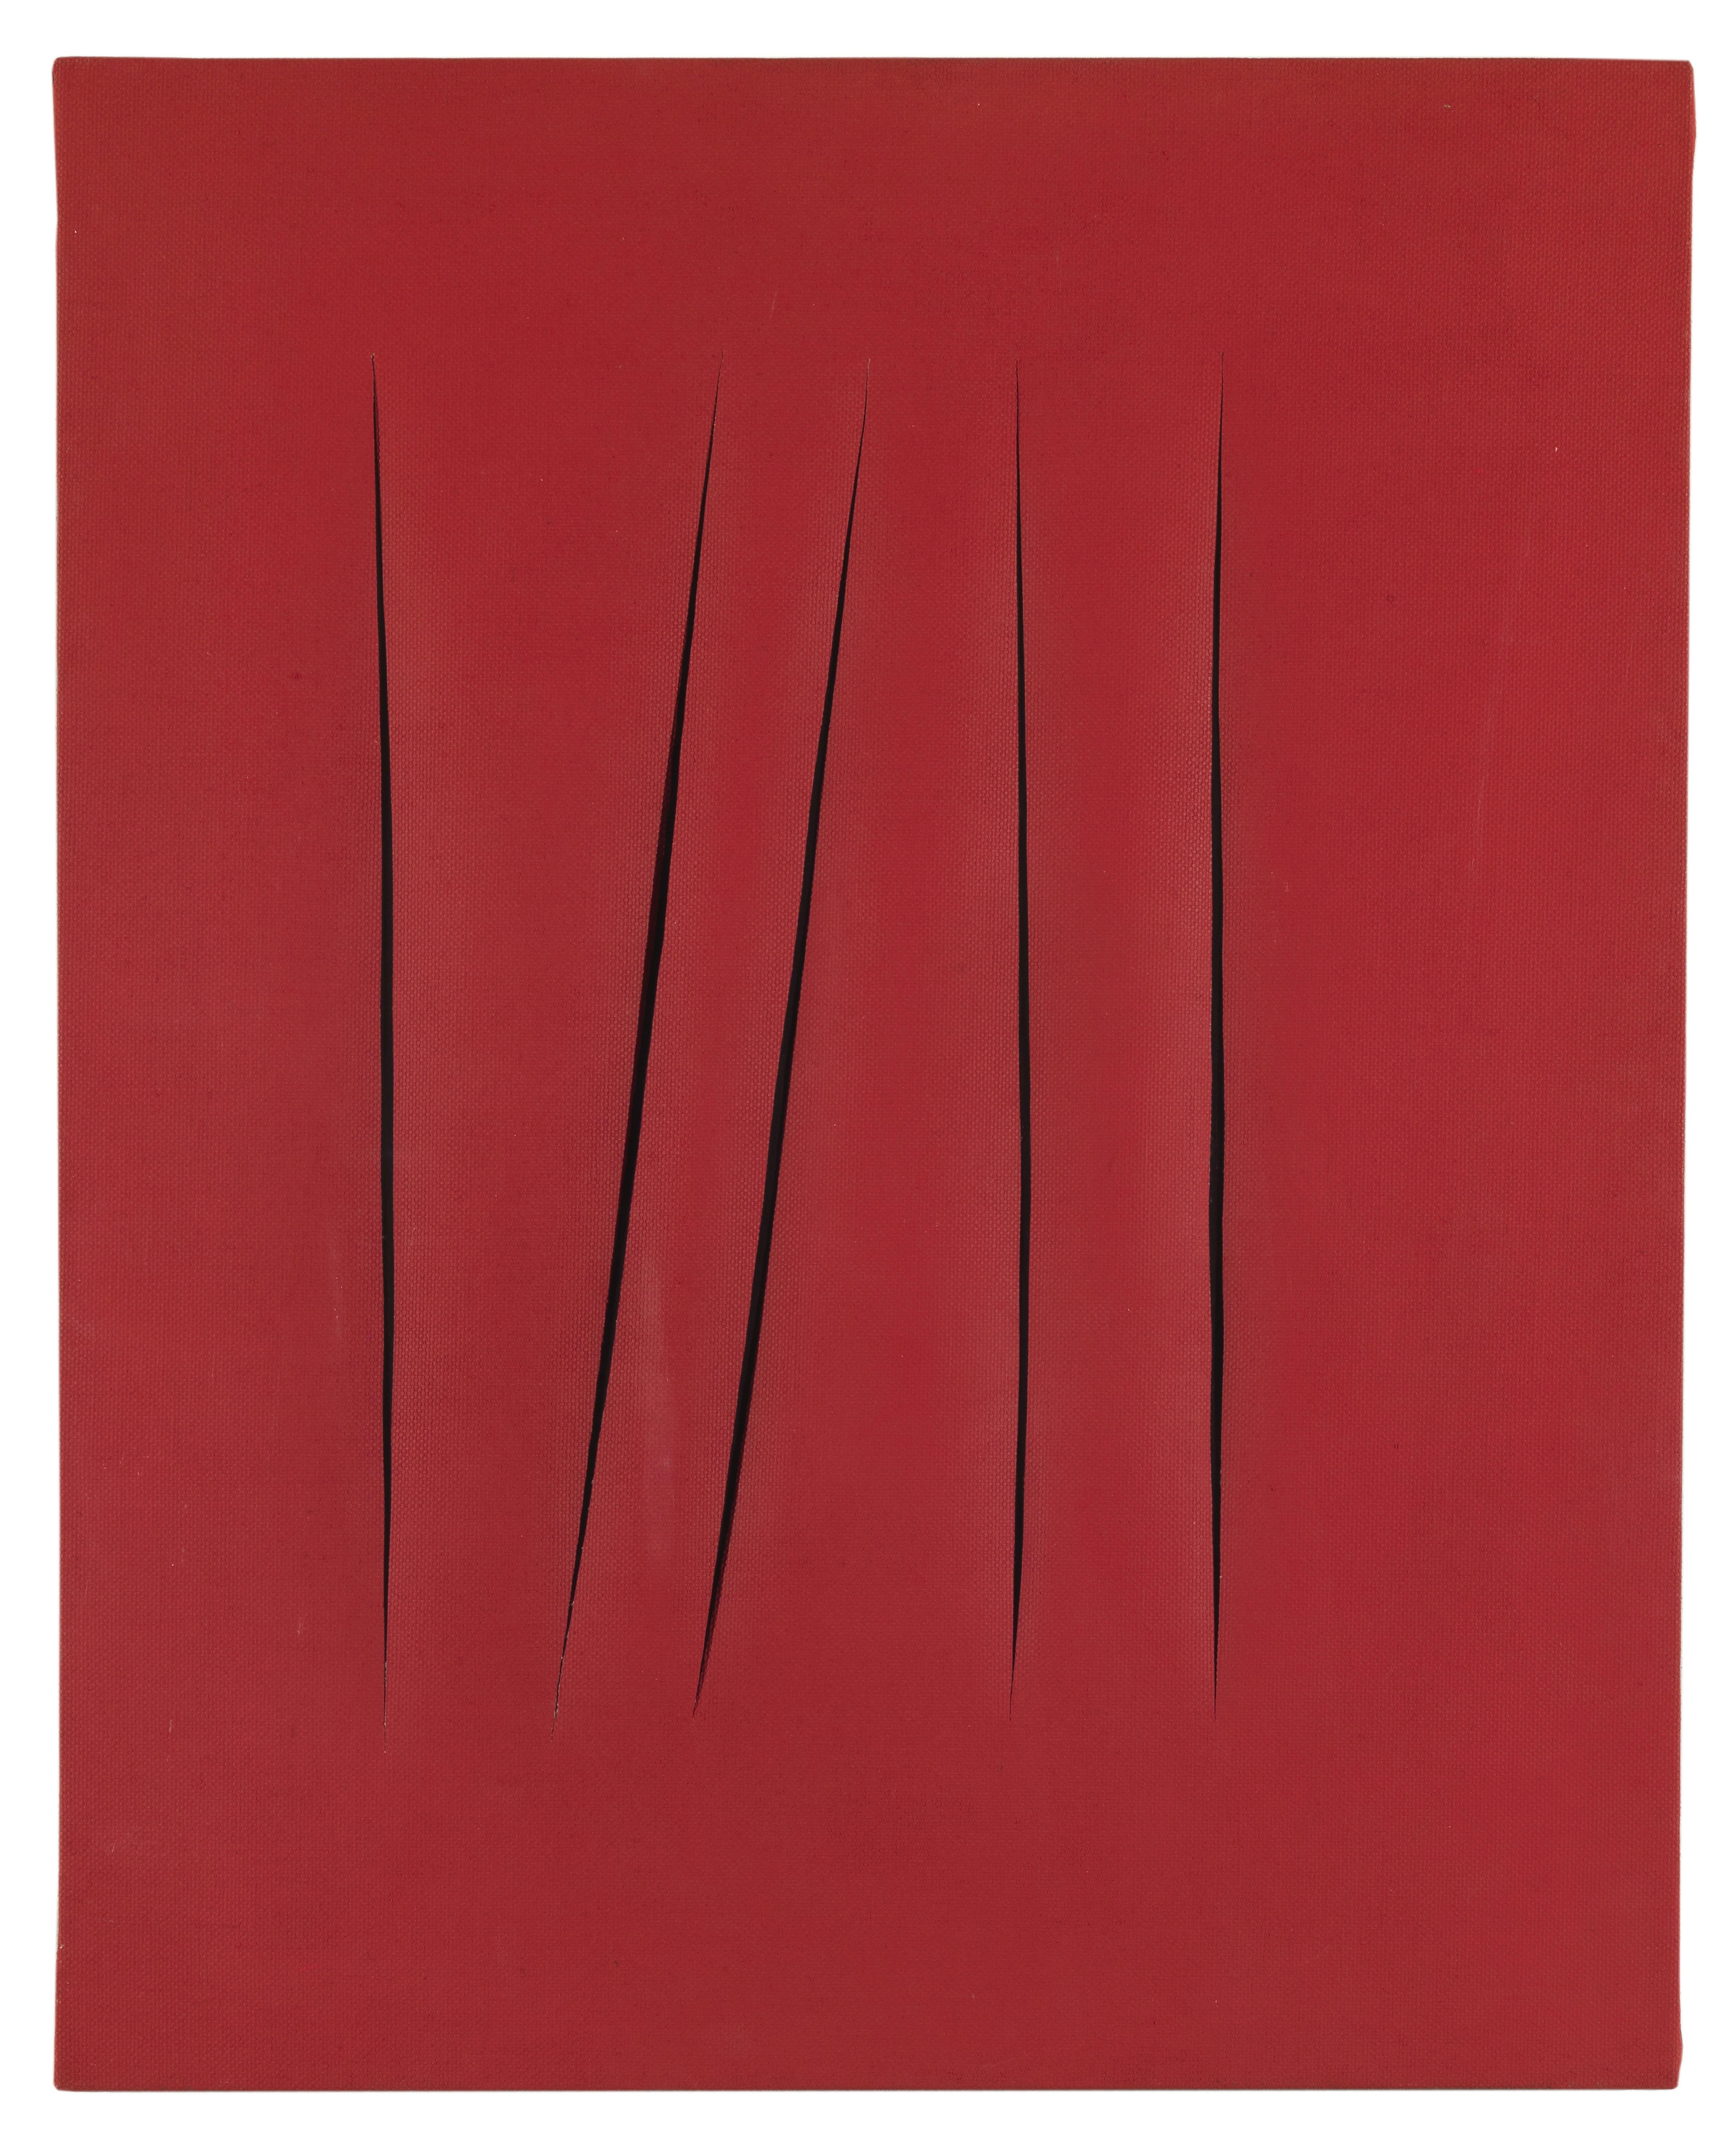 Lucio Fontana Concetto spaziale. Attese 1967 Idropittura su tela 81 x 65 cm Collezione privata, courtesy Galleria Mucciaccia